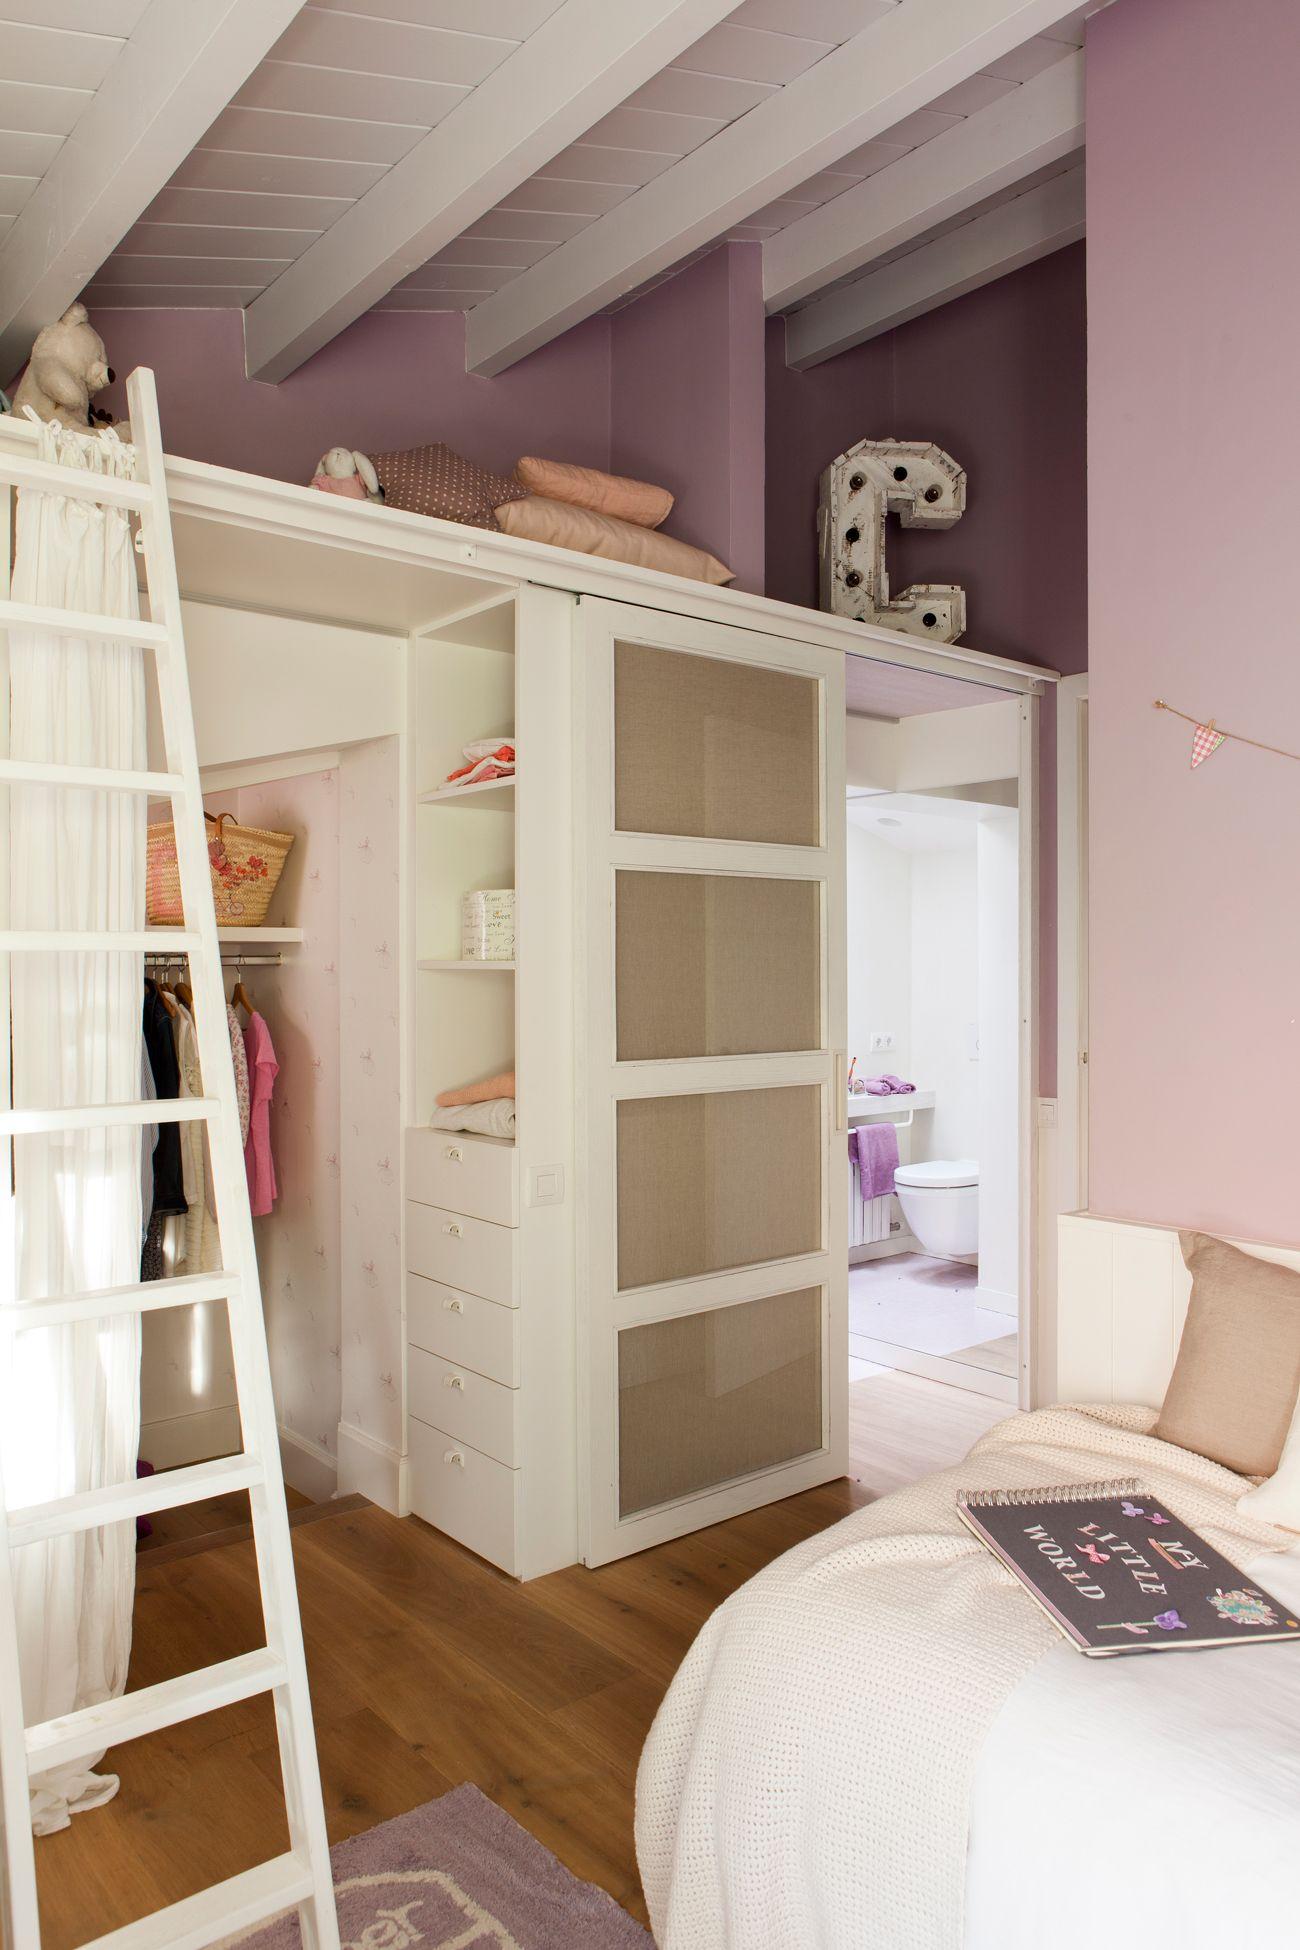 Vestidor O Armario De Habitaci N Infantil En Blanco Y Rosa Con  ~ Vestidores En Habitaciones Pequeñas